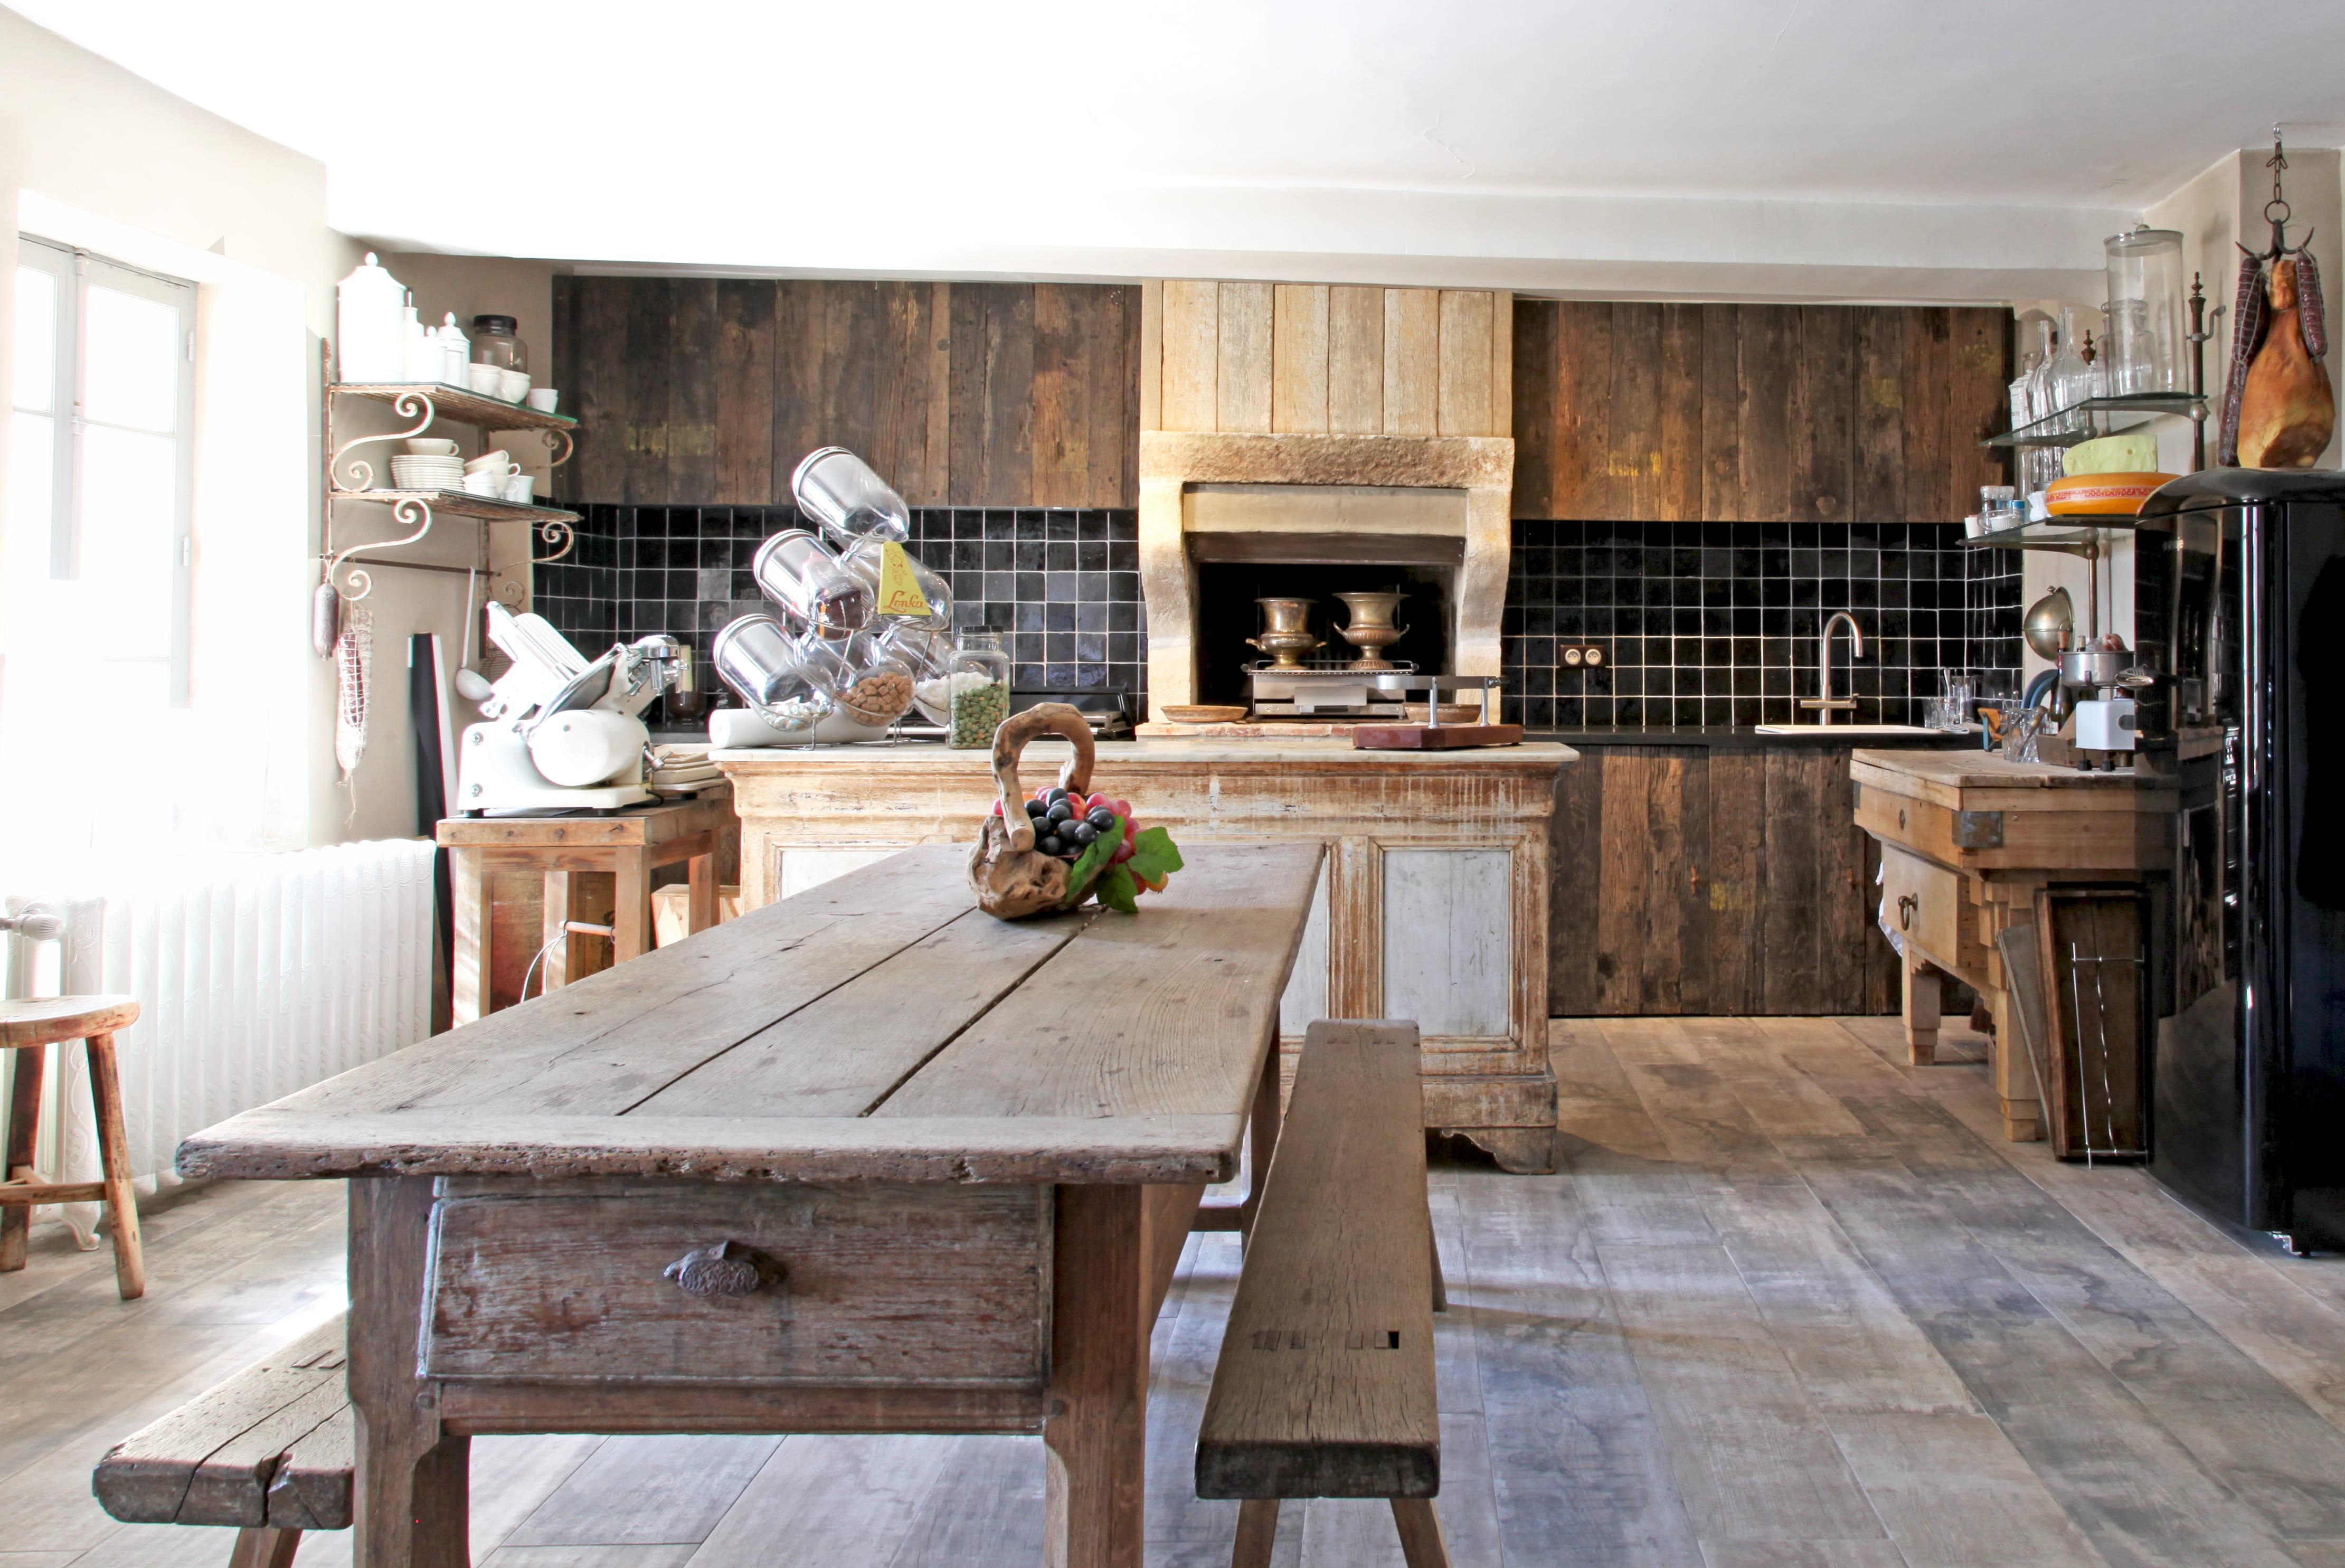 Une cuisine d 39 t - Cuisine style campagne chic ...